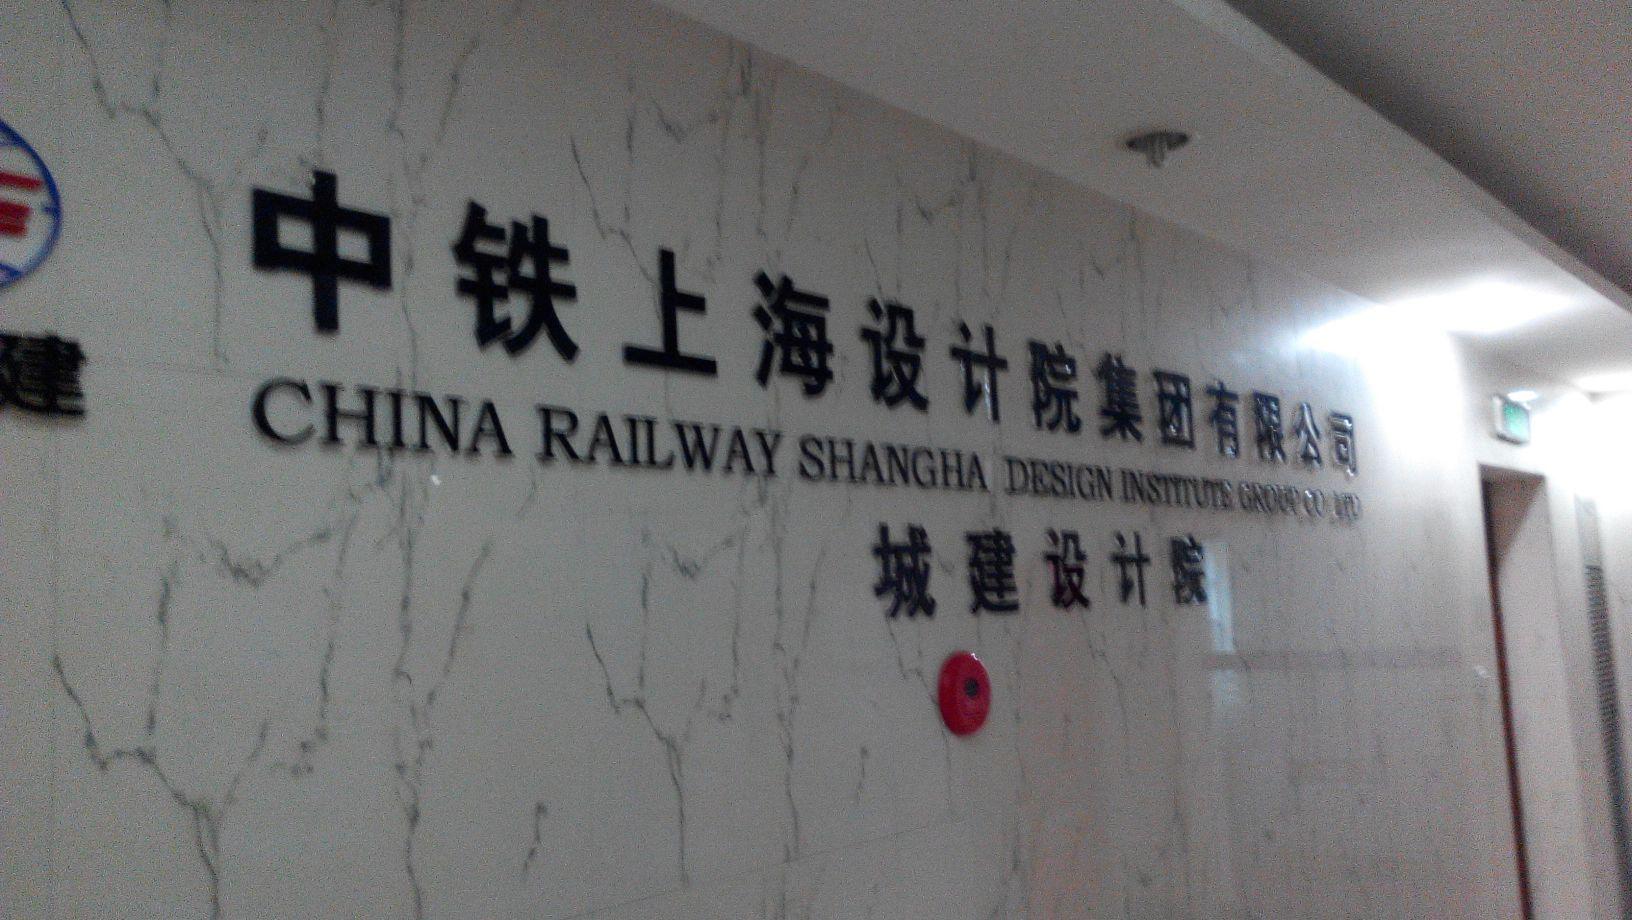 中铁上海设计院集团有限公司图片